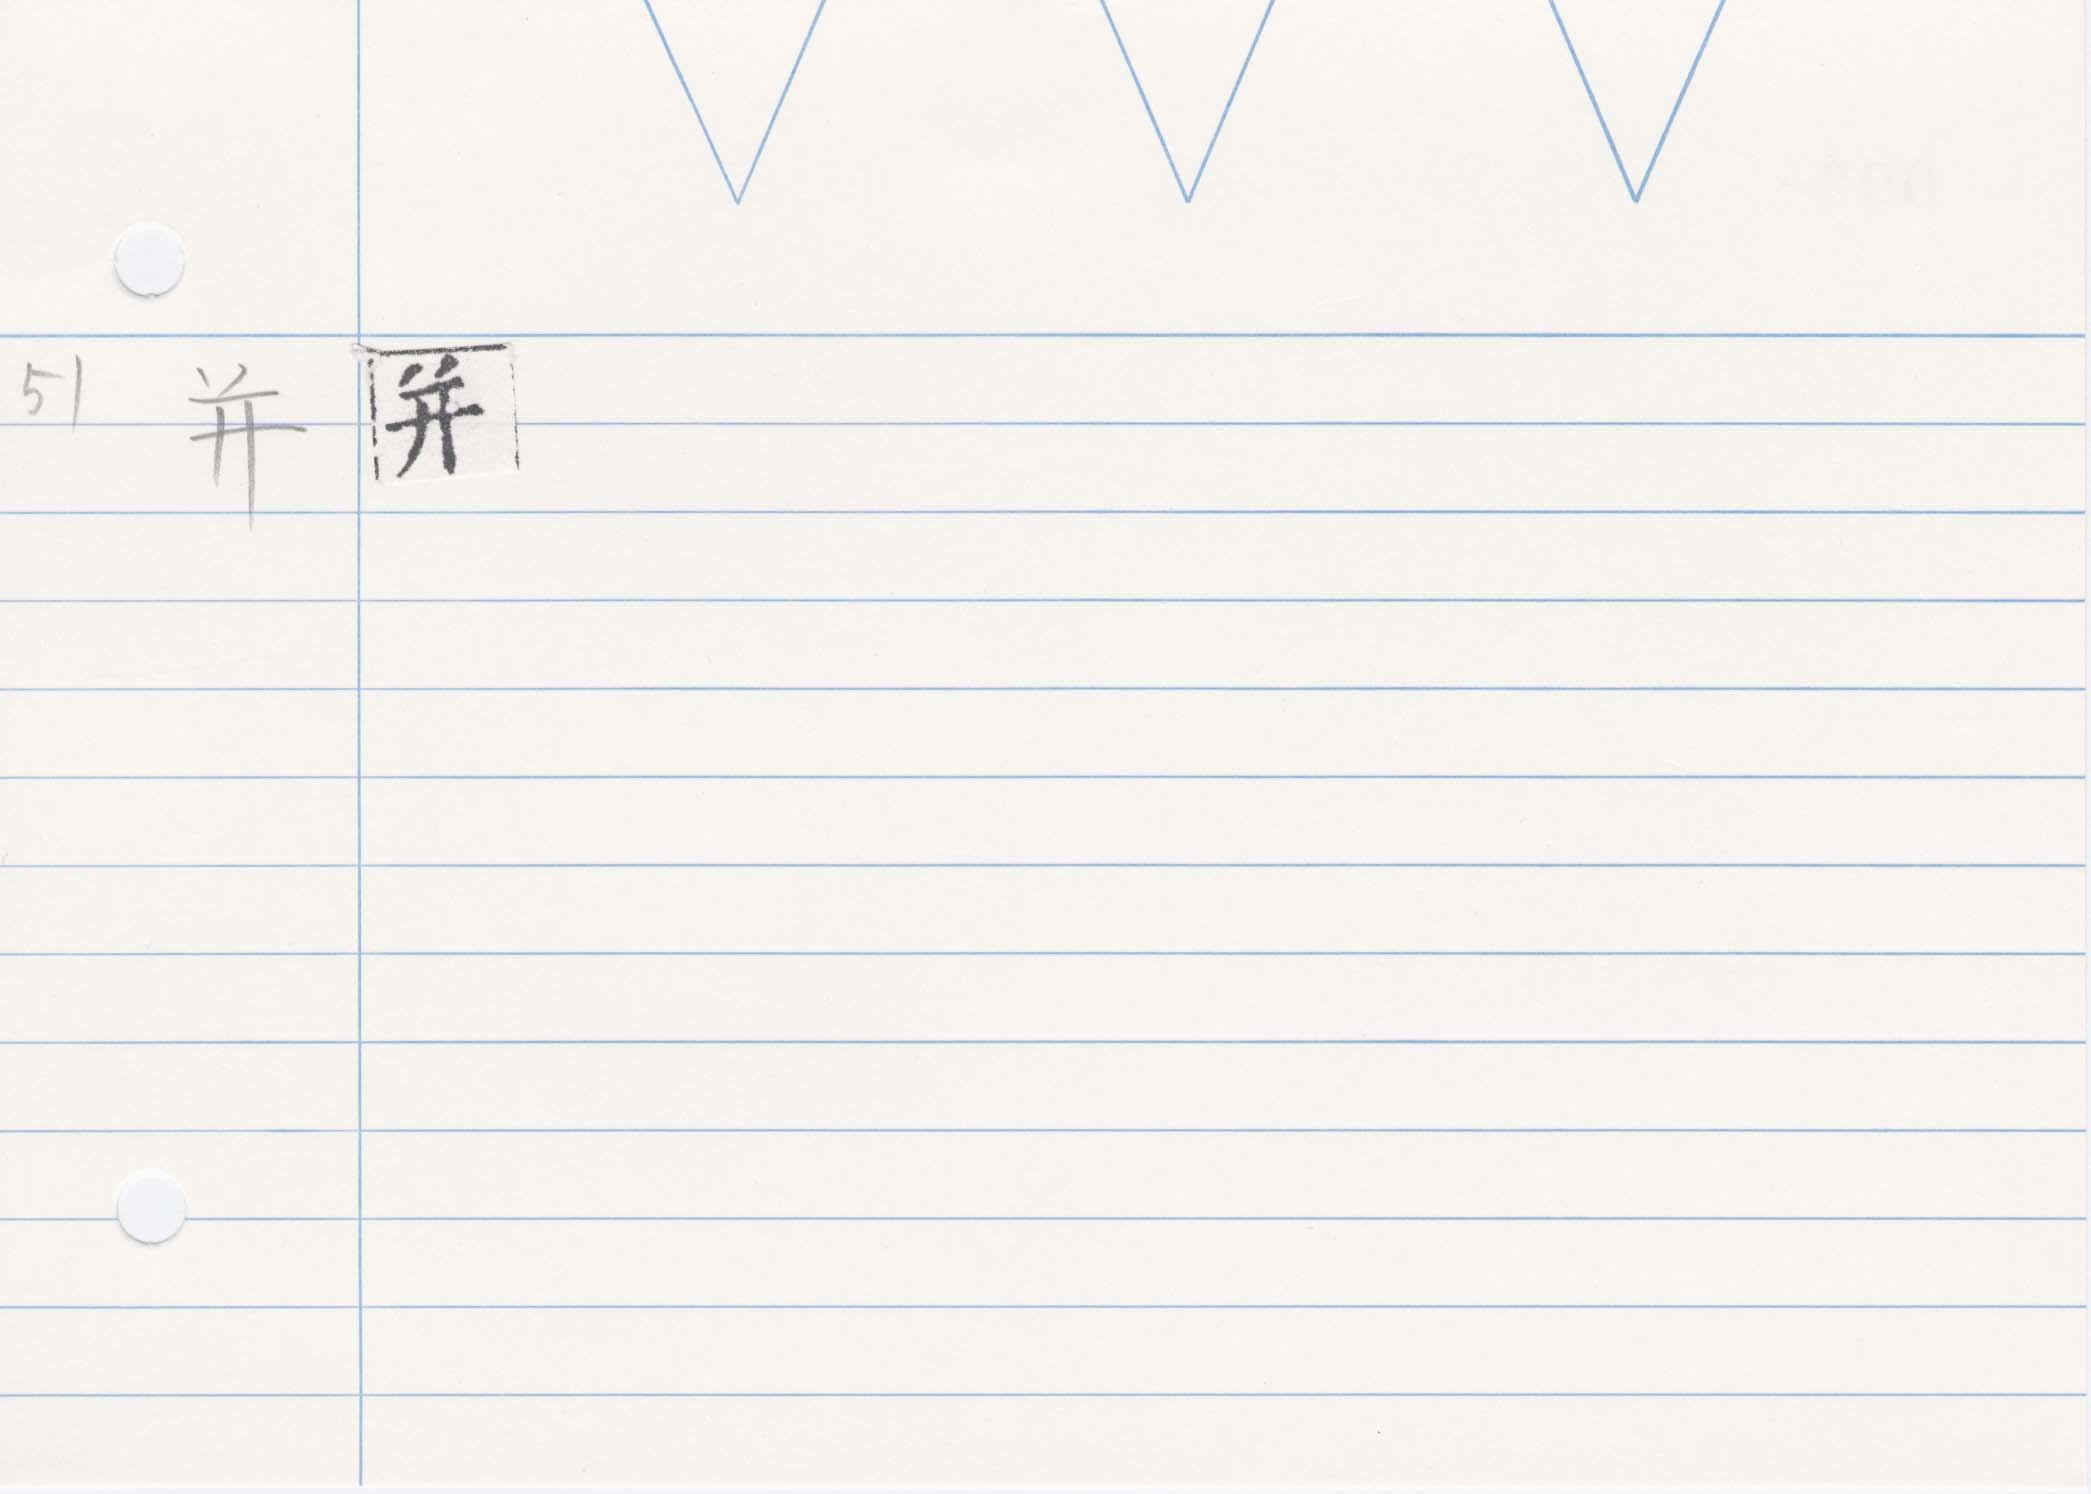 26_齊民要術卷五(高山寺本)/cards/0084.jpg